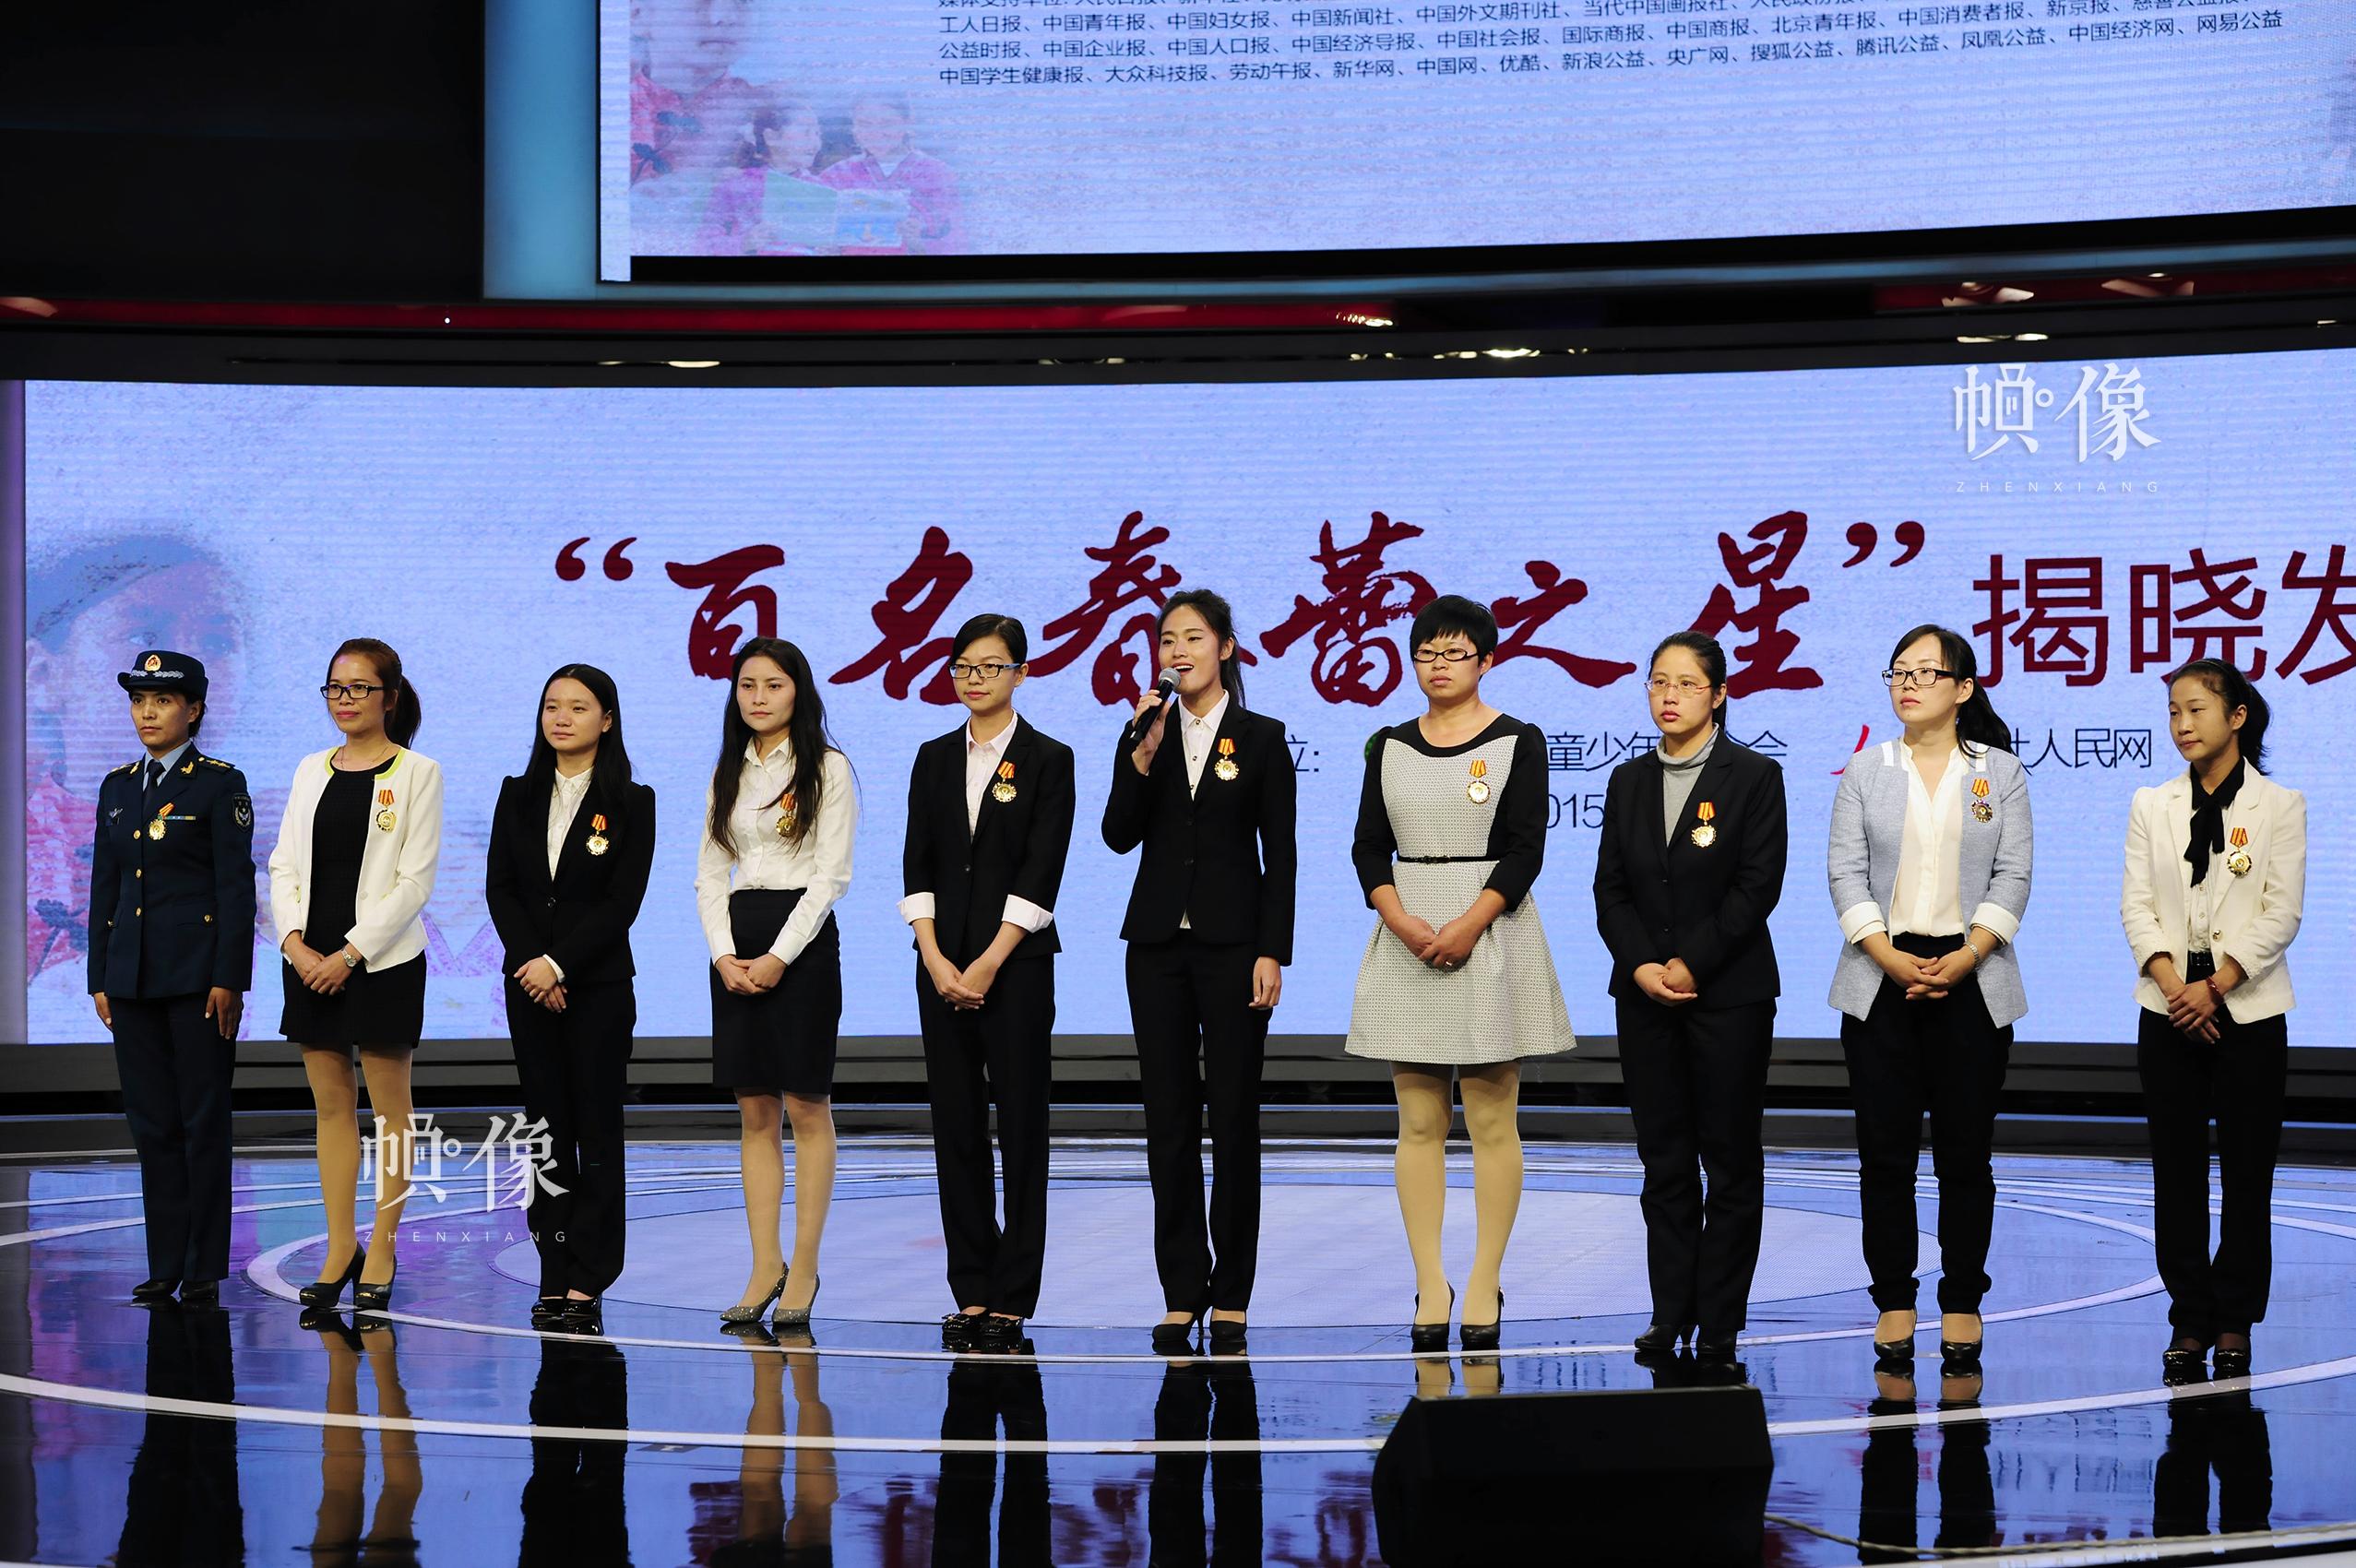 """""""百名春蕾之星""""代表现场讲述自己与春蕾的故事,表达对社会各界爱心资助的感恩之情。中国儿基会供图"""